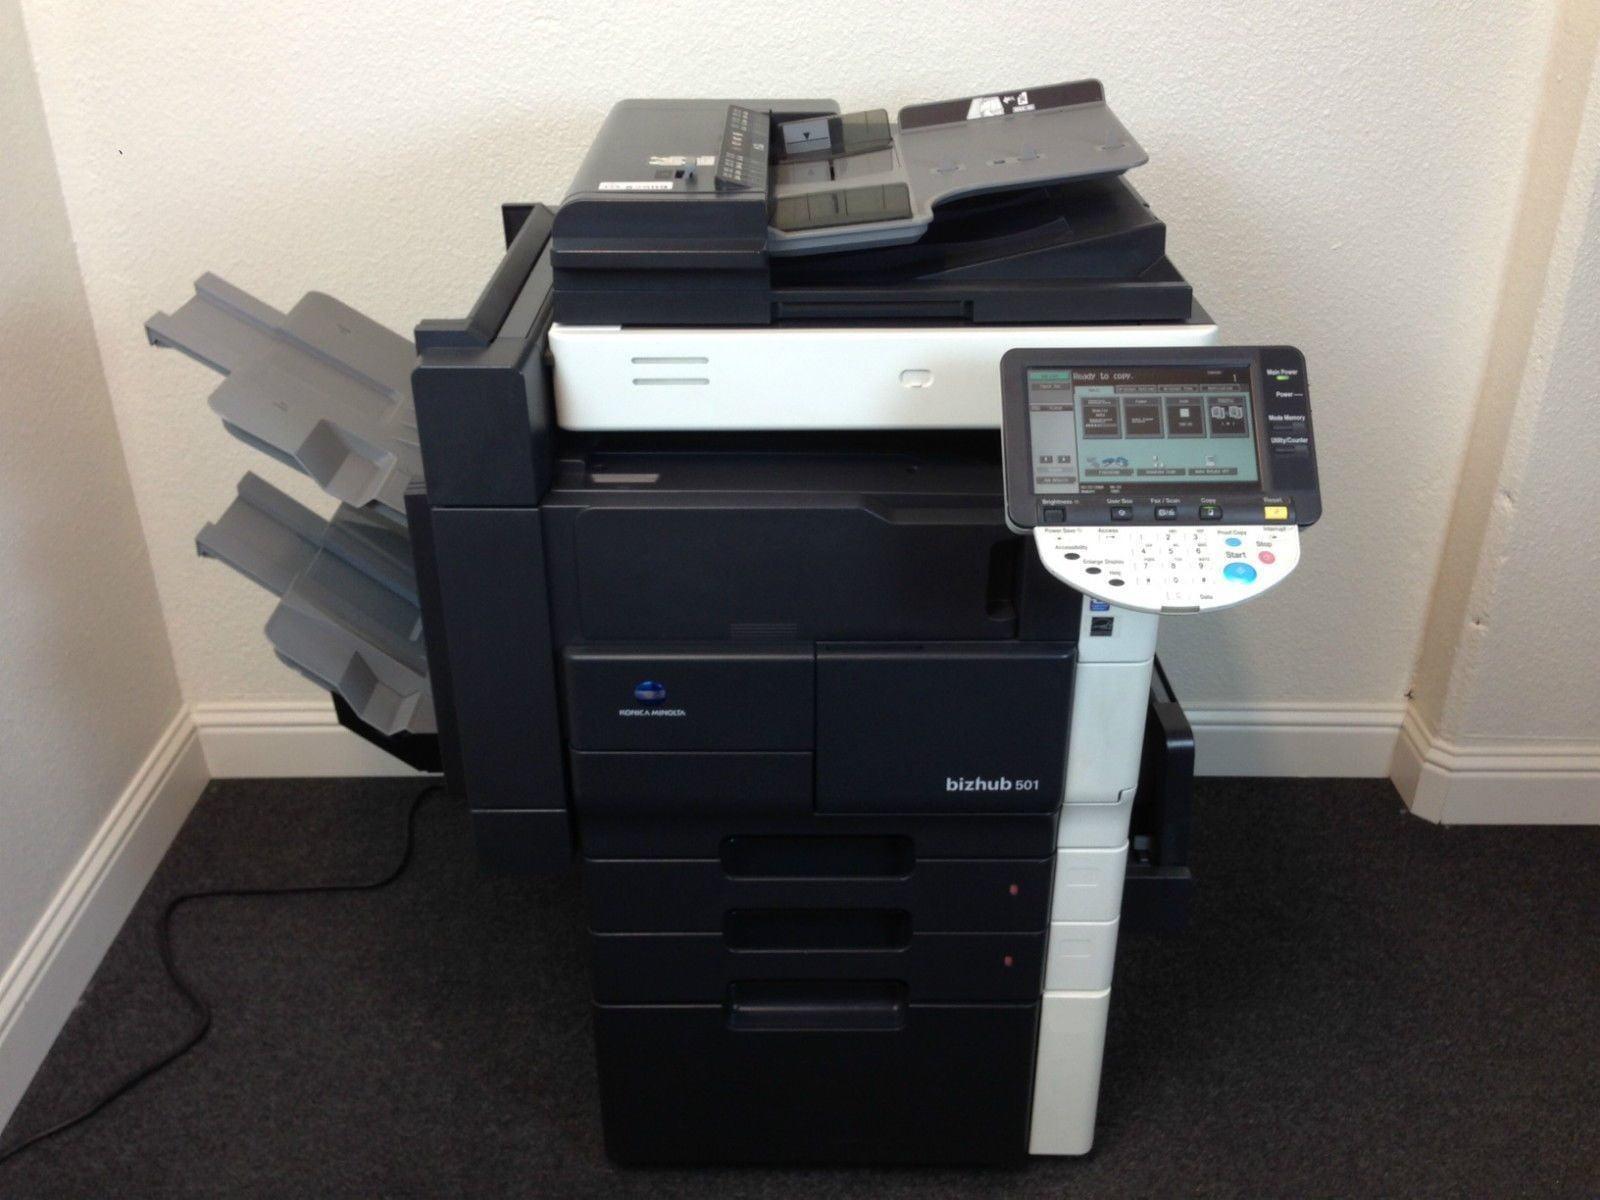 Konica Minolta Bizhub 501 Copier Printer Scanner Staple Finisher Fax & Network by Konica Minolta